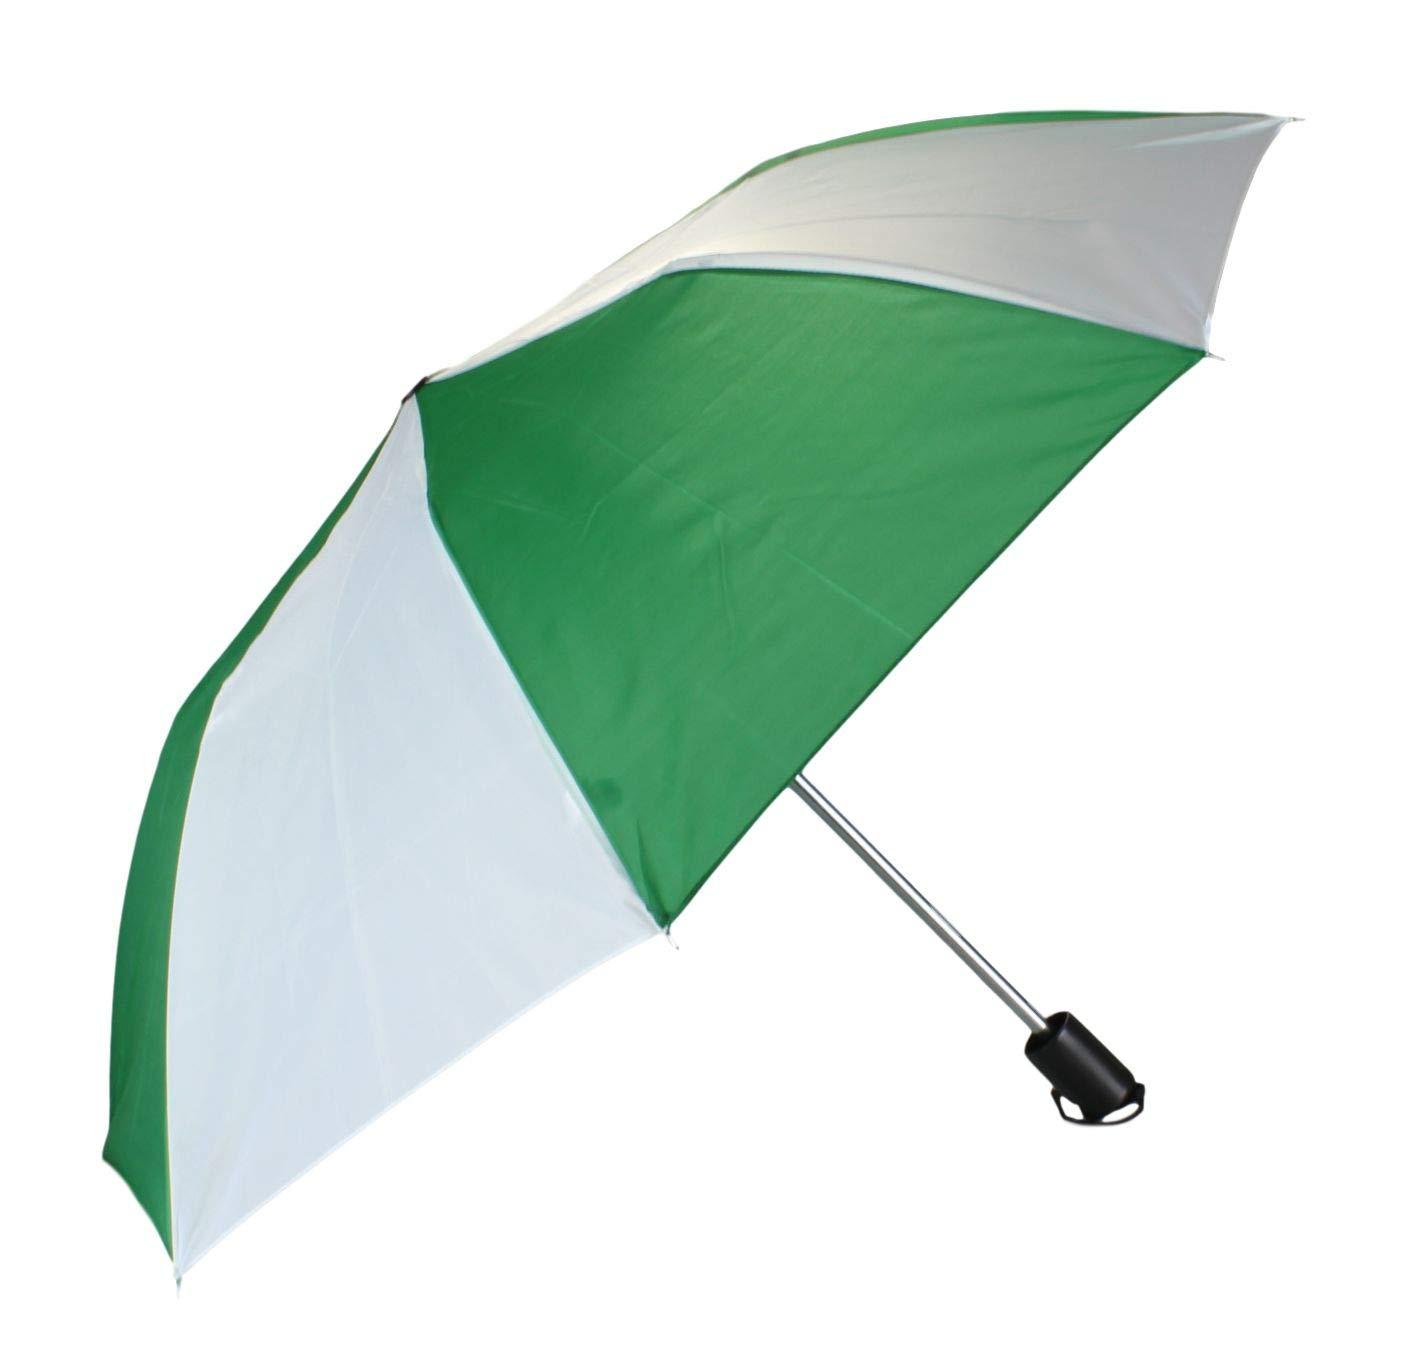 Parapluie Pliant /à Ouverture Automatique Parapluie de Poche en Blanc